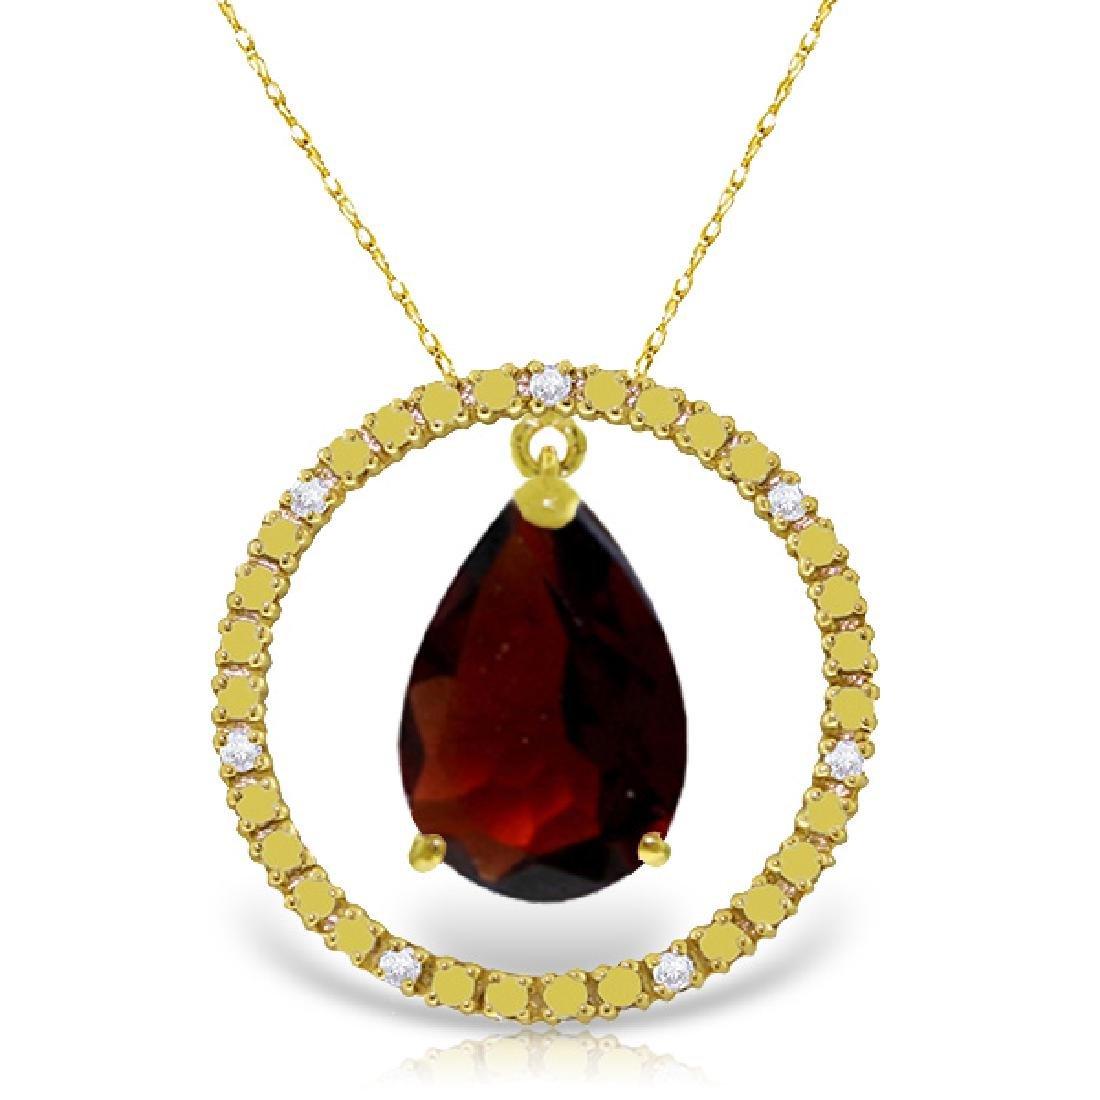 Genuine 6.6 ctw Garnet & Diamond Necklace Jewelry 14KT